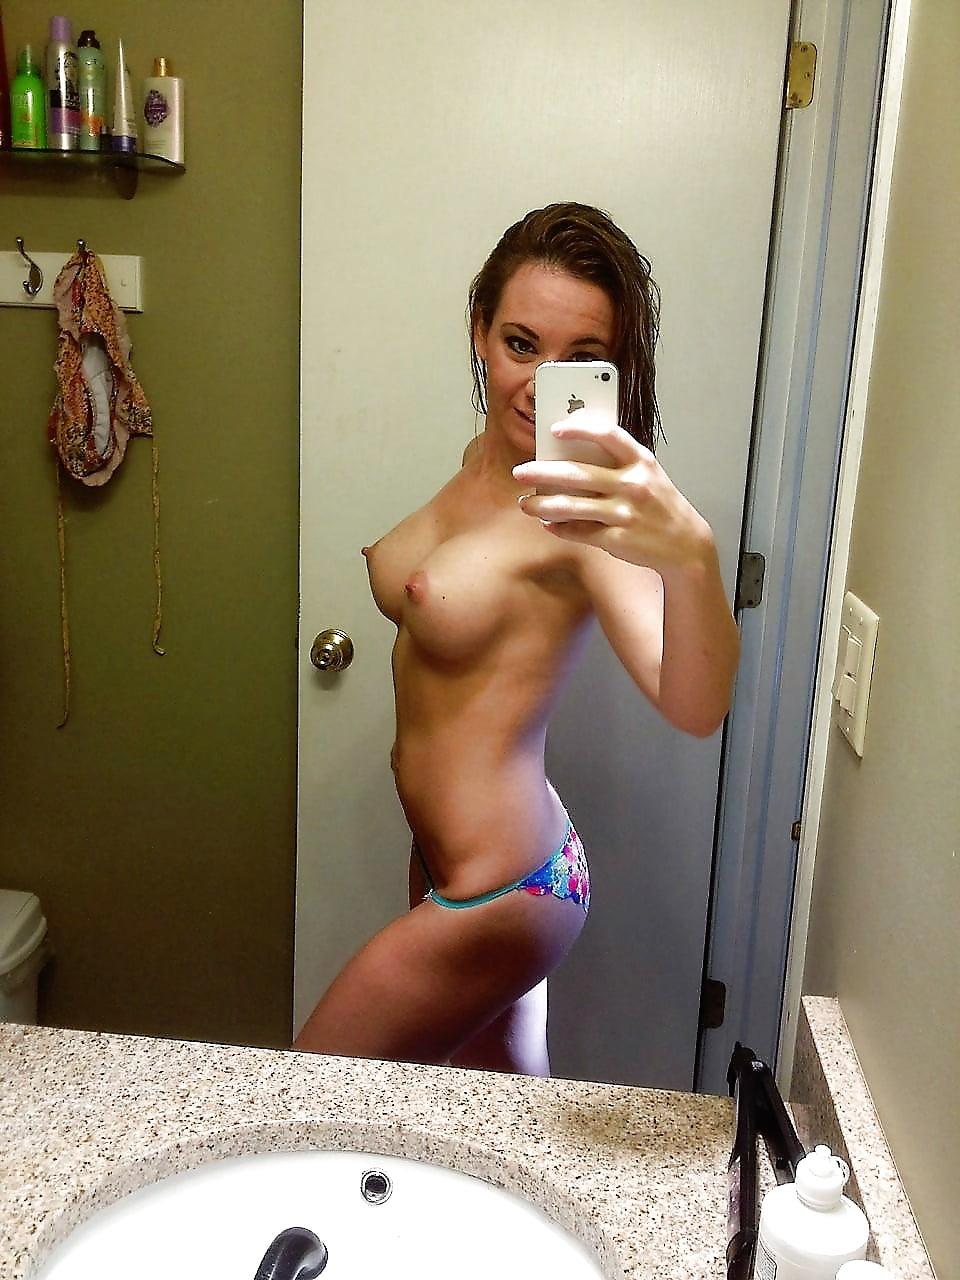 Naked chick selfie porn